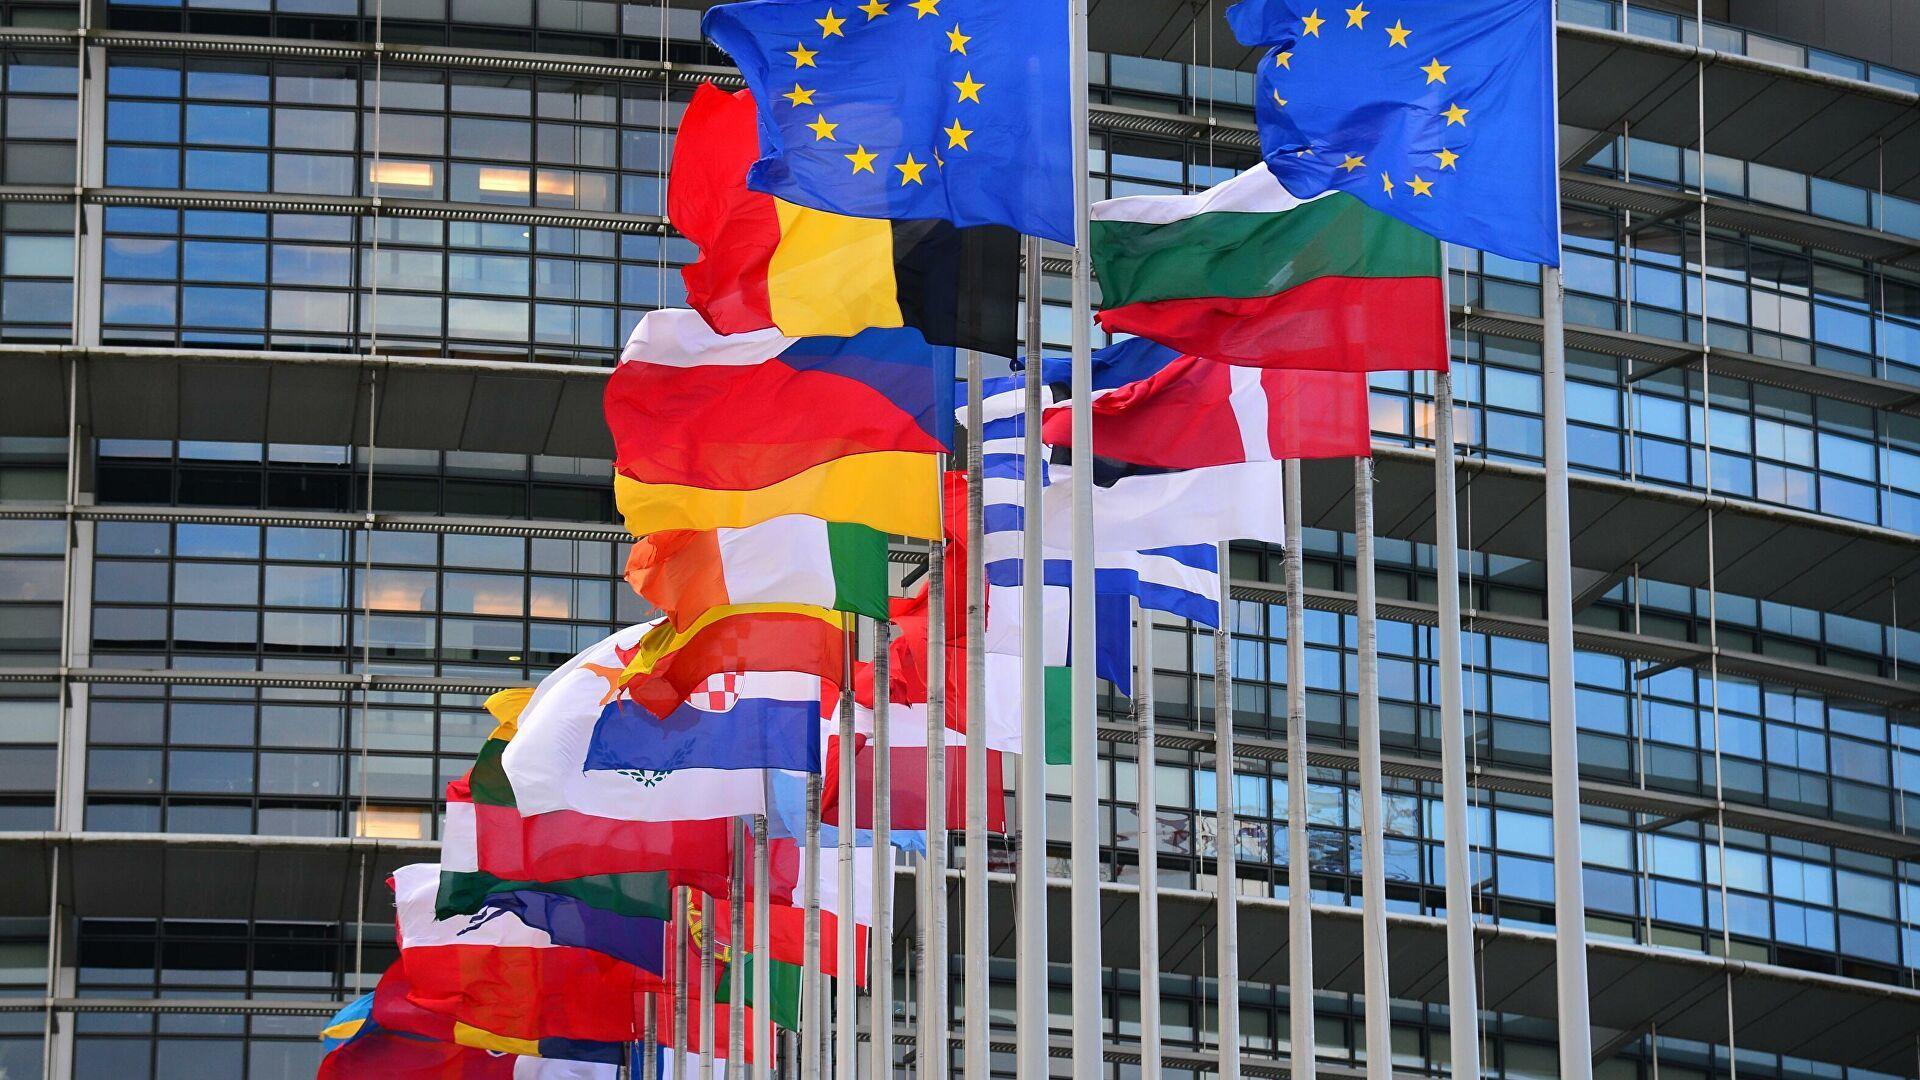 Страны ЕС угрожают остановить финансовую помощь ЦАР из-за дружбы с Москвой